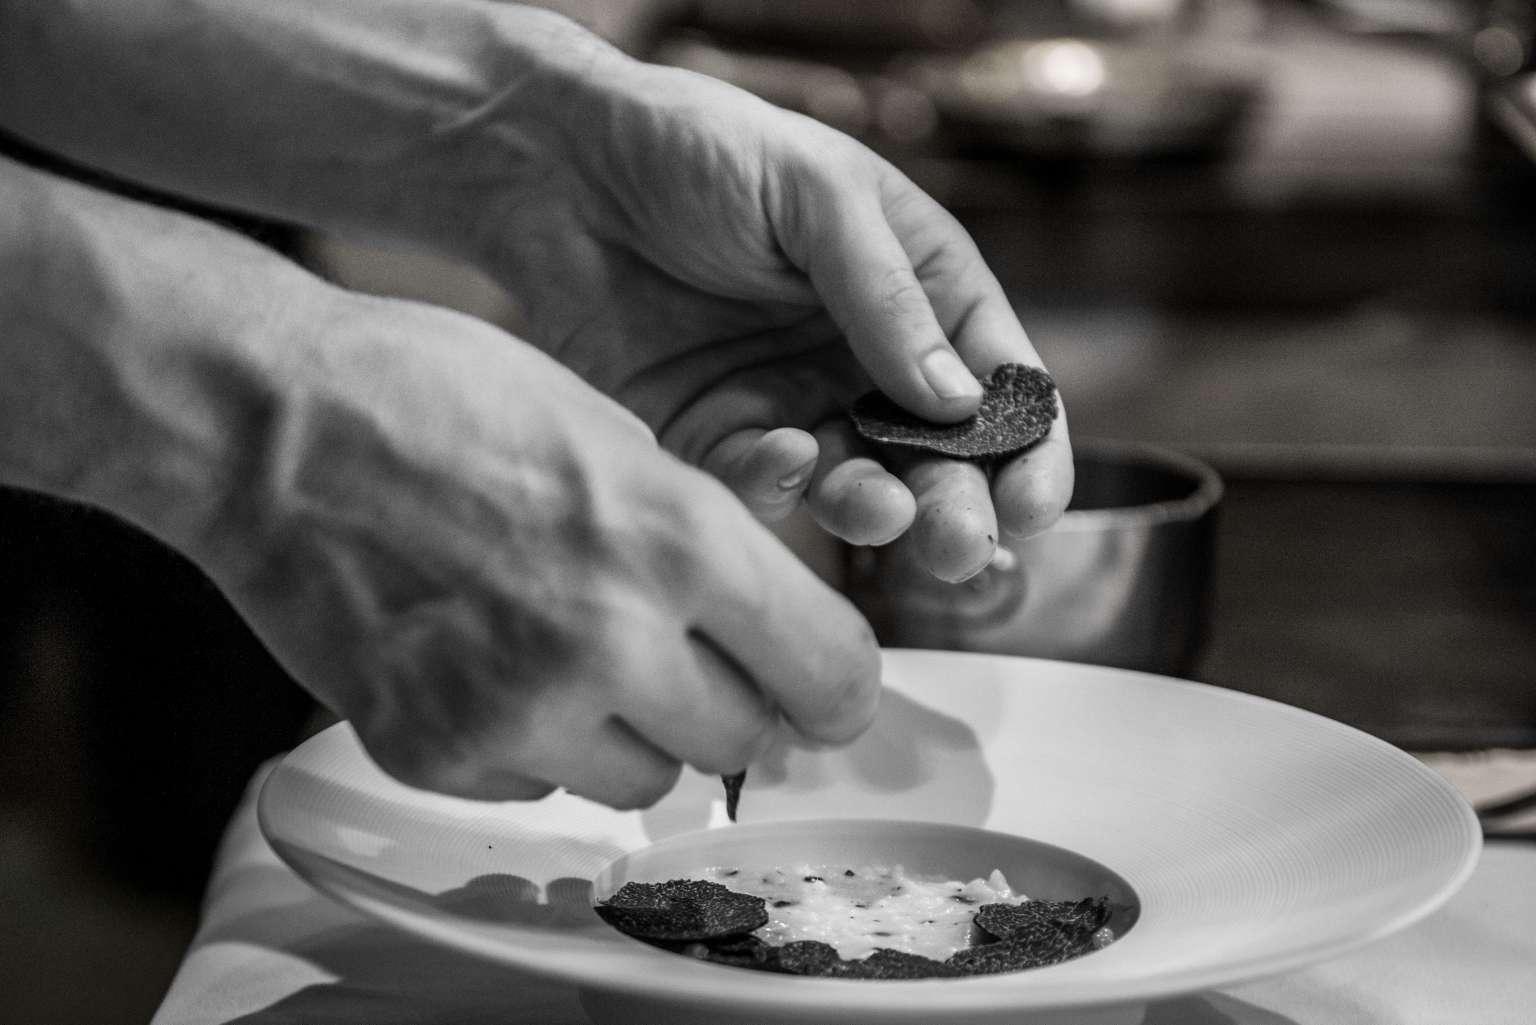 Préparation d'un plat - Restaurant Gill